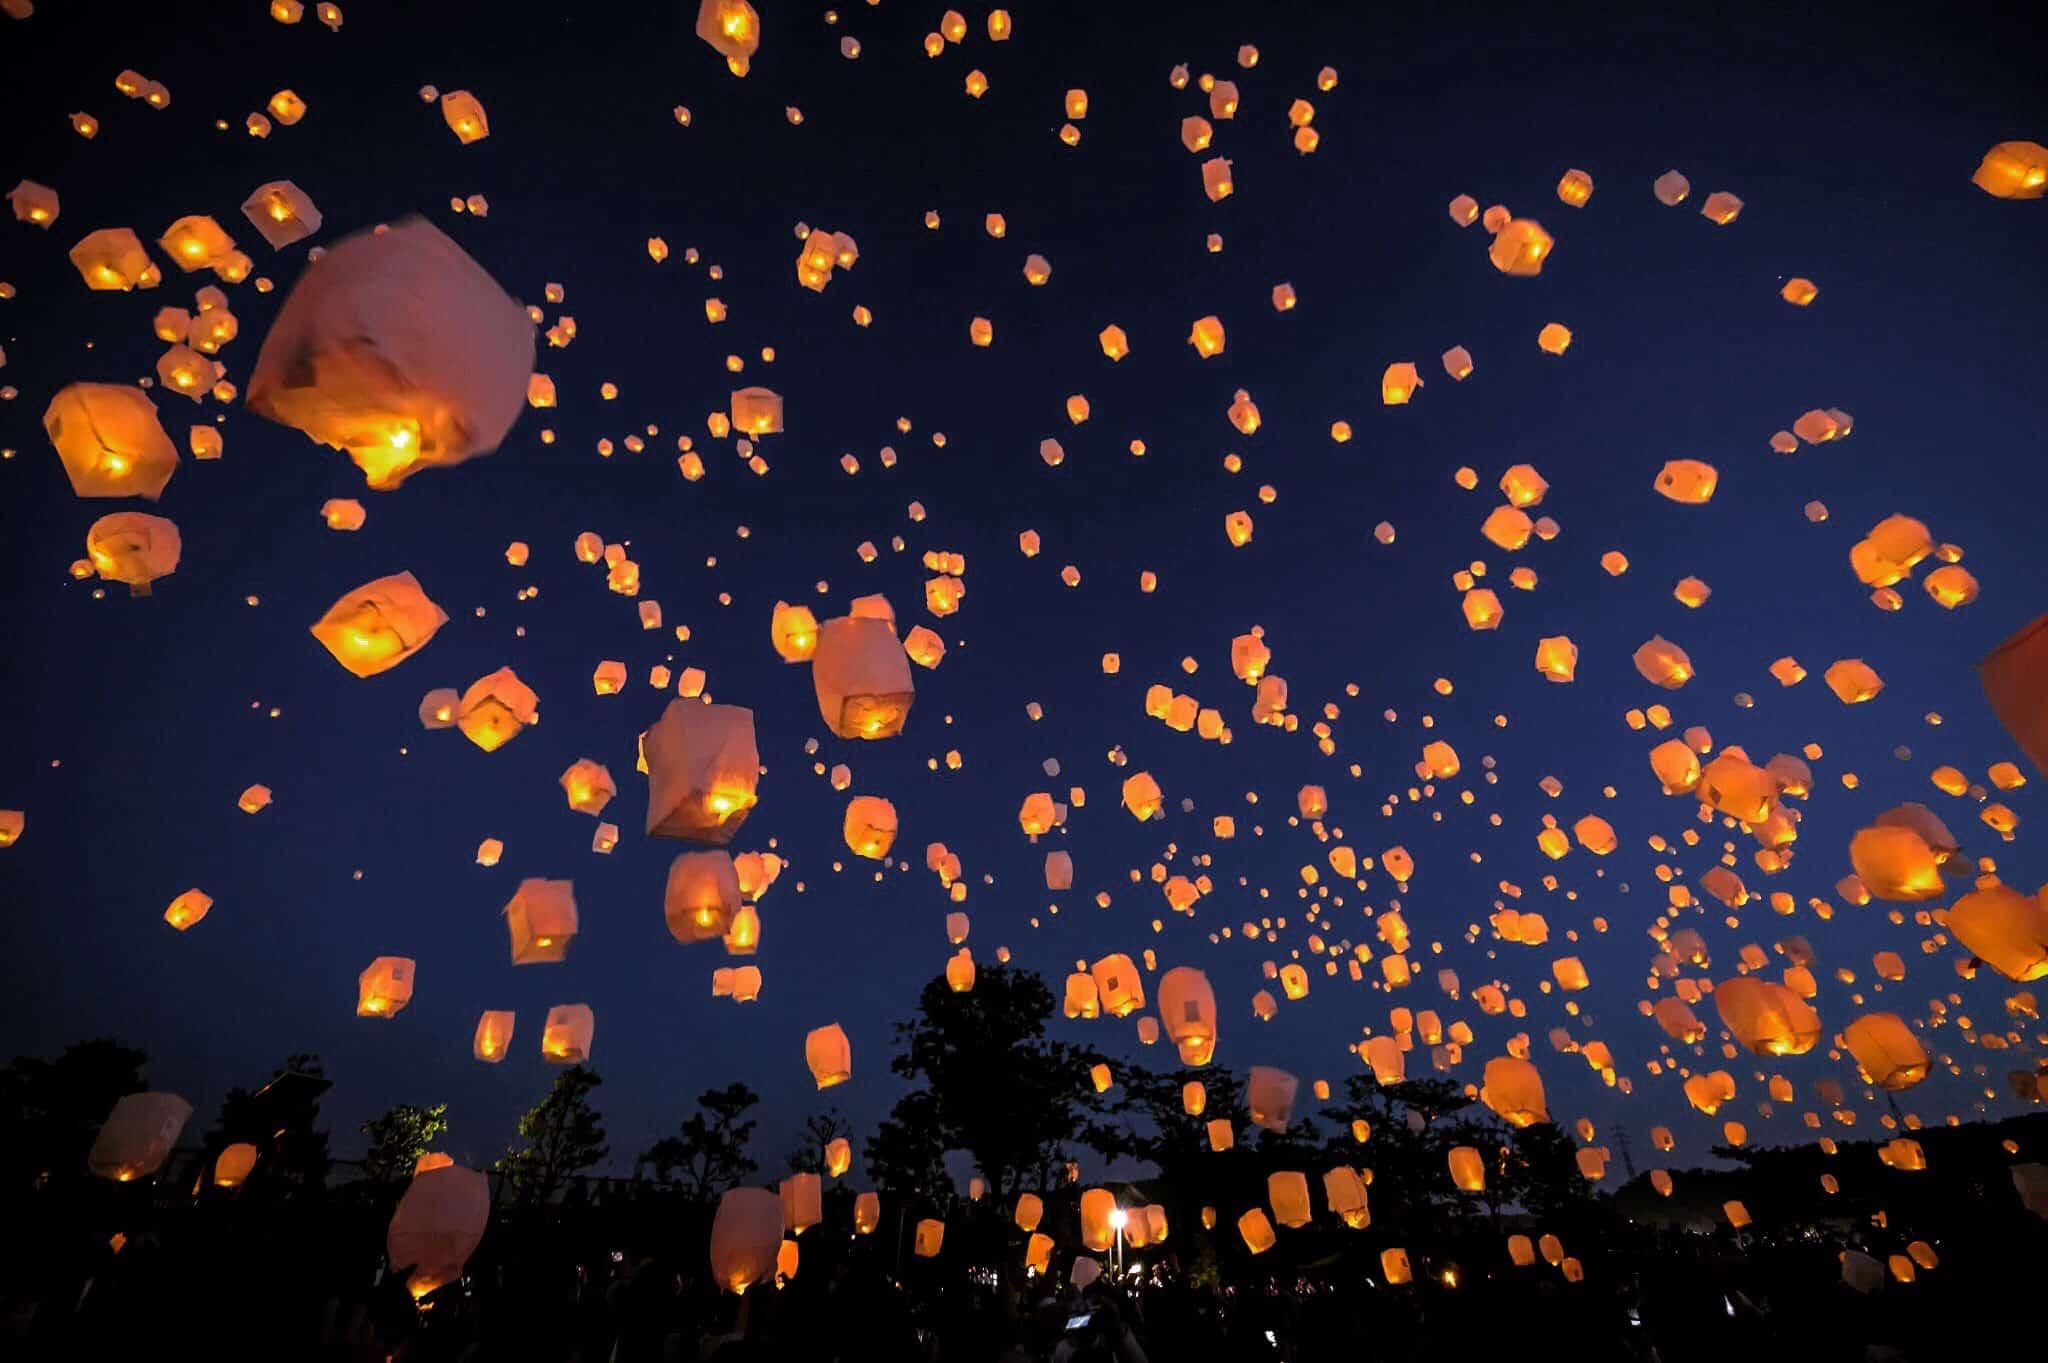 เทศกาลปล่อยโคม ญี่ปุ่น 2020 - เทศกาลโคมลอยทานาบาตะ (Tanabata Sky Lantern Festival)